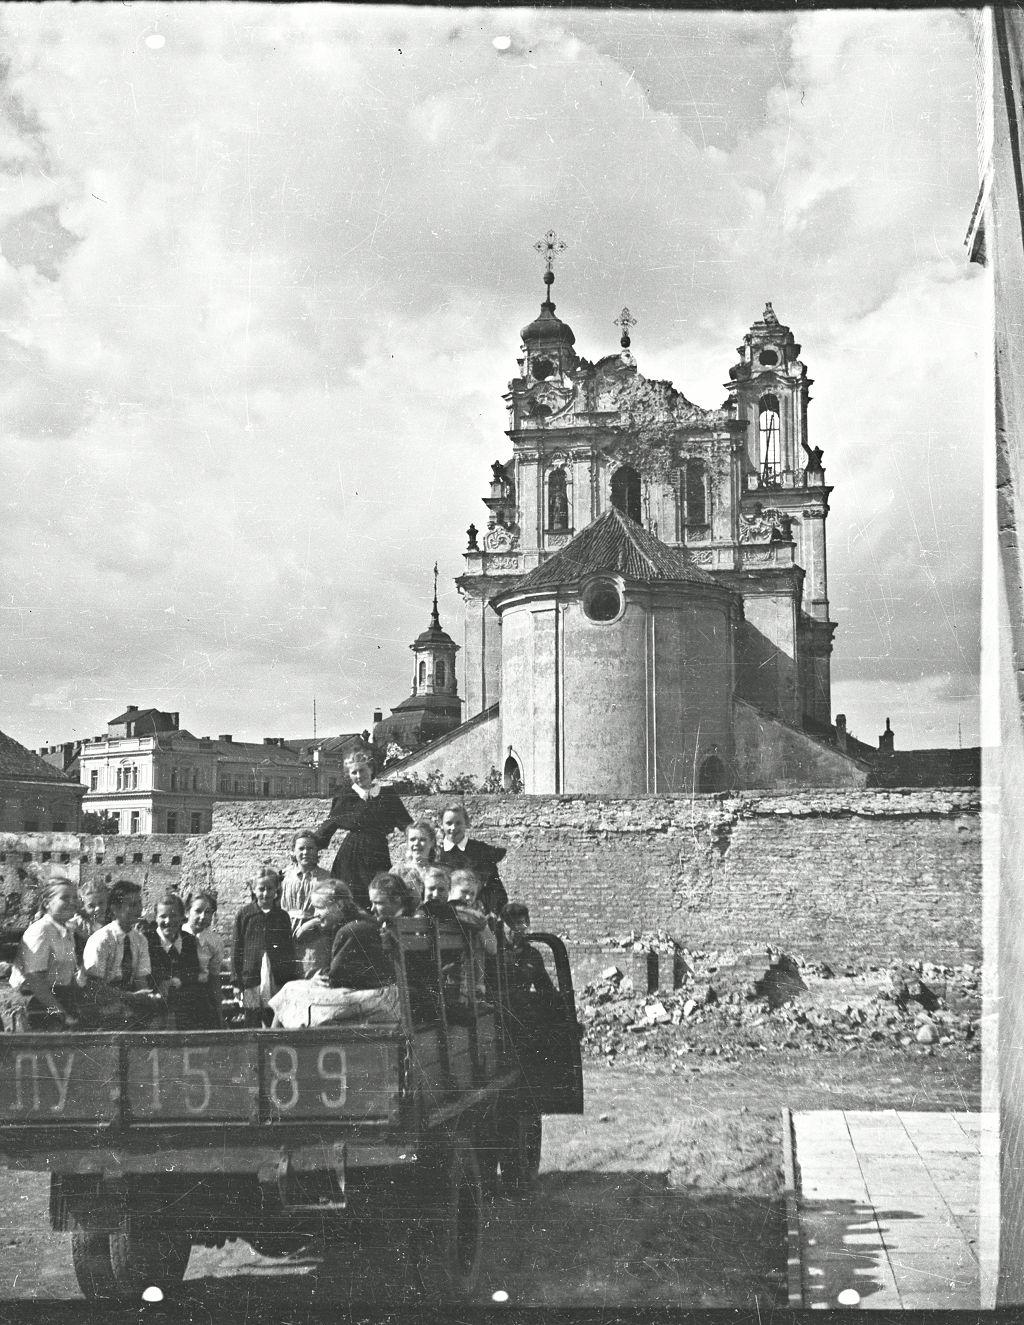 1951 m. mokiniai kraustosi į naują S. Nėries mokyklos pastatą. J. Dovydaičio nuotrauka iš Lietuvių tautosakos rankraštyno duomenų bazės